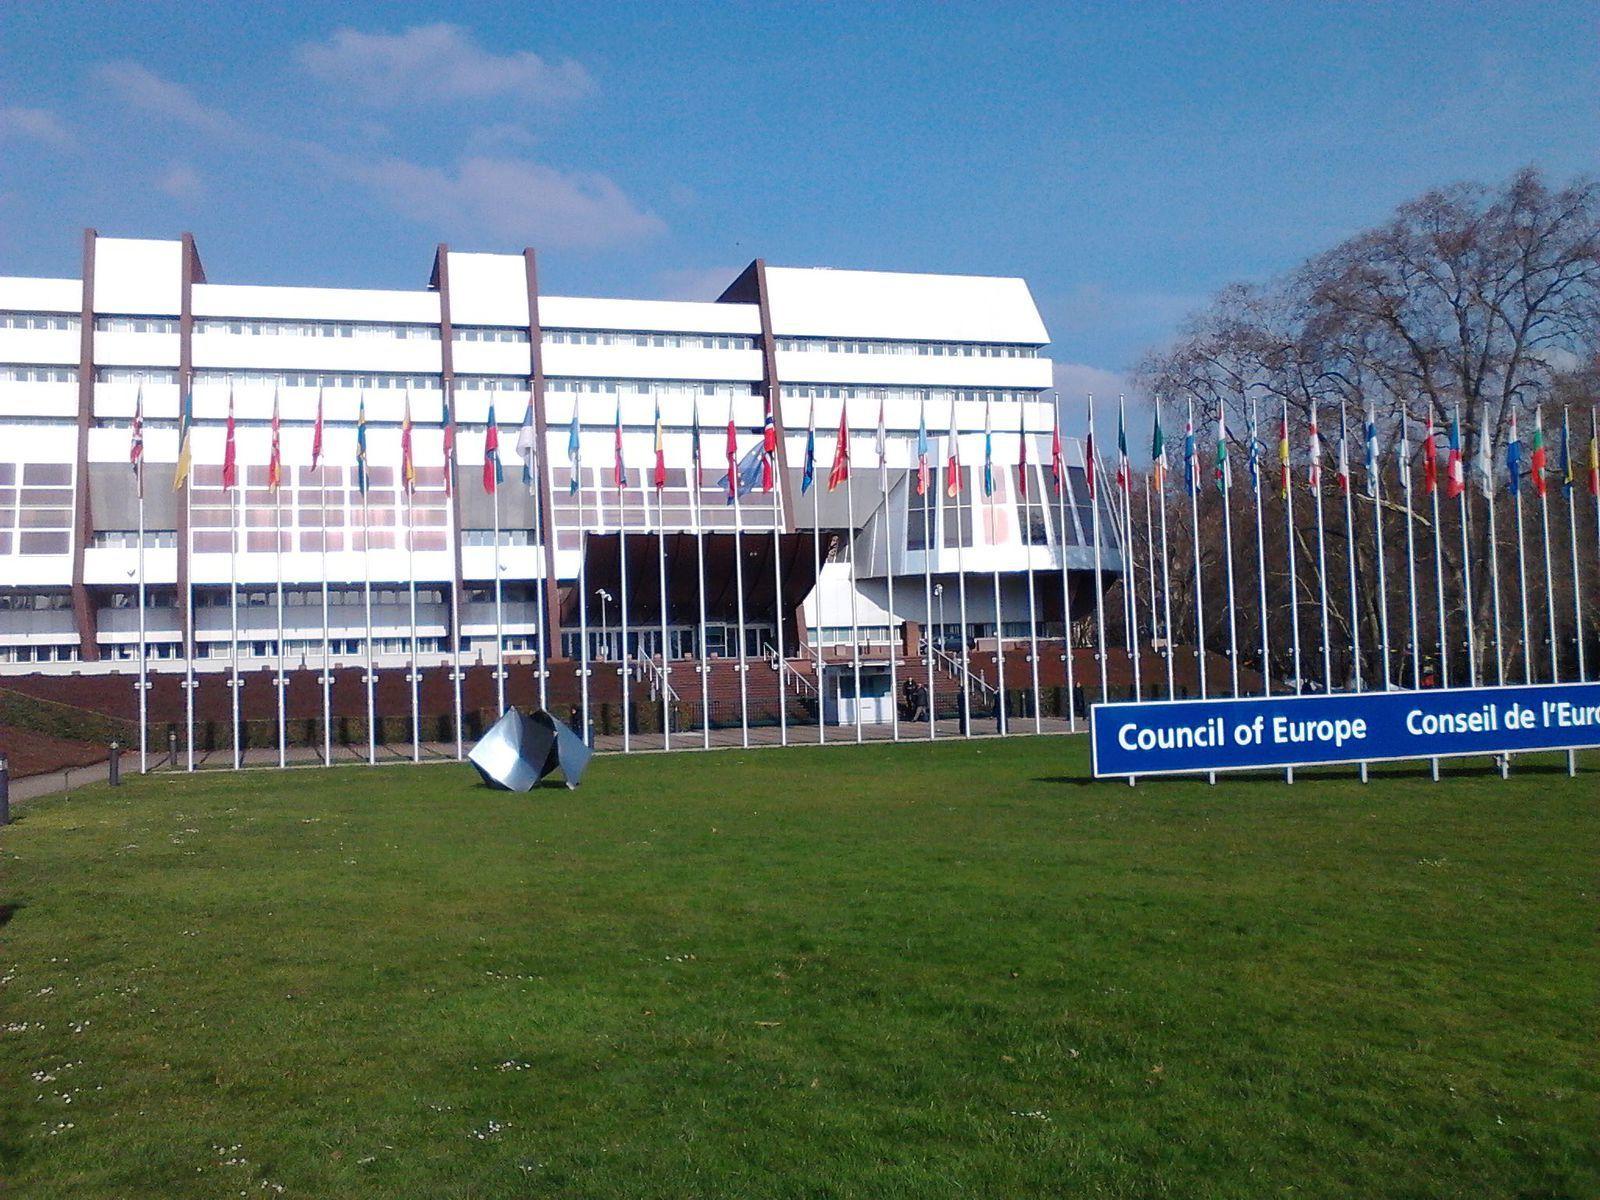 Image de couverture de la salle parlementaire où avaient lieu mes premiers travaux du parlement européen